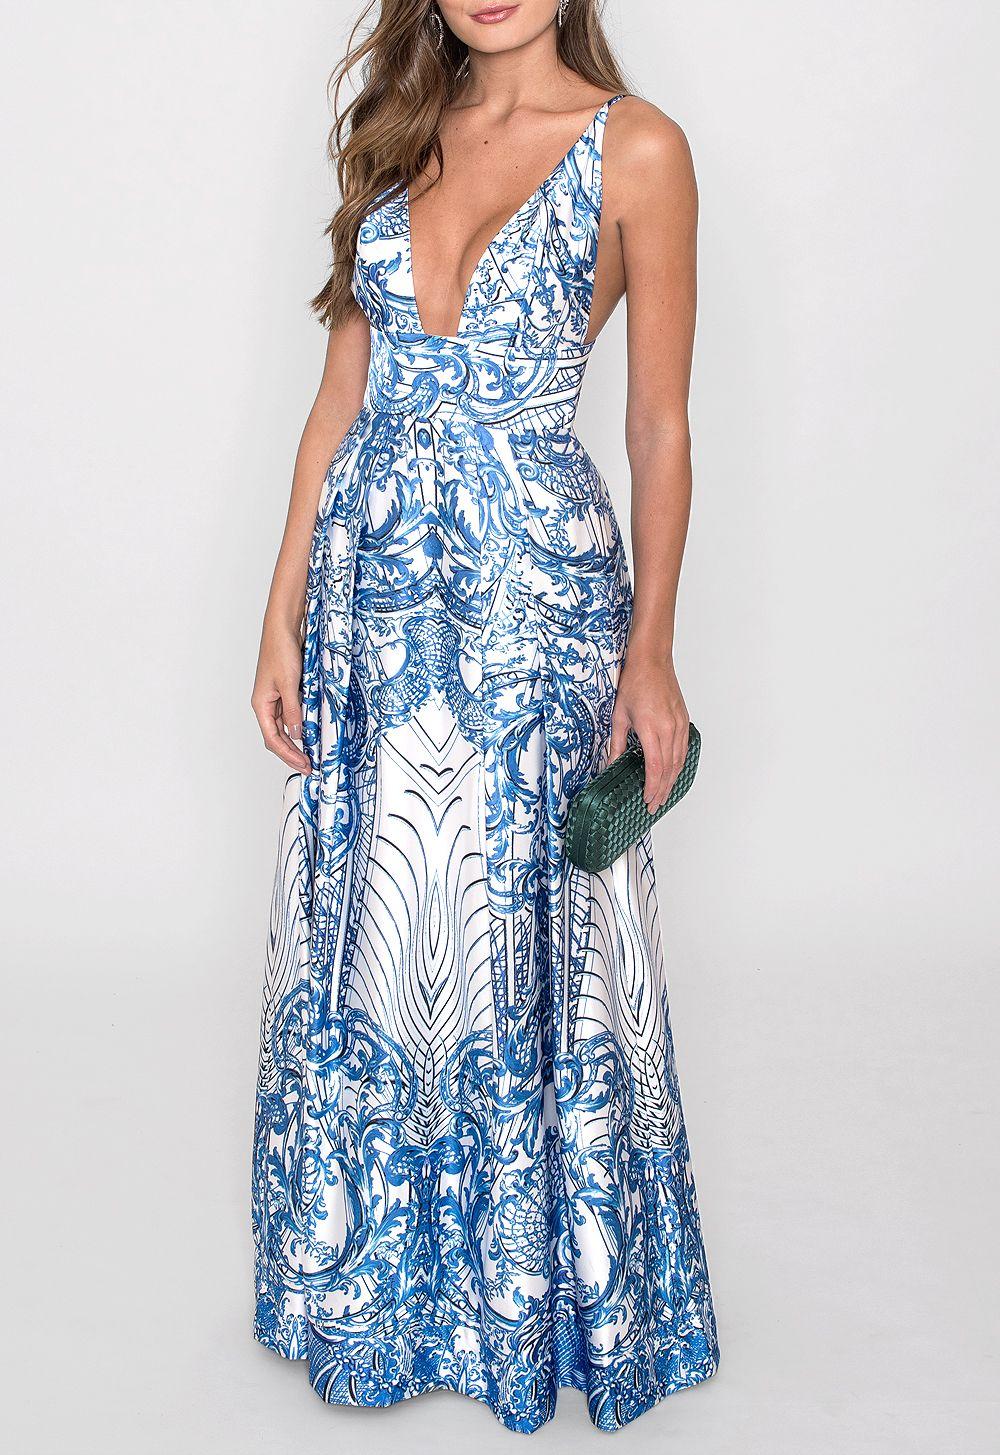 3ce60dd0cf Vestido longo estampado em cetim encorpado com modelagem princesa. Possui  pala embaixo do busto e